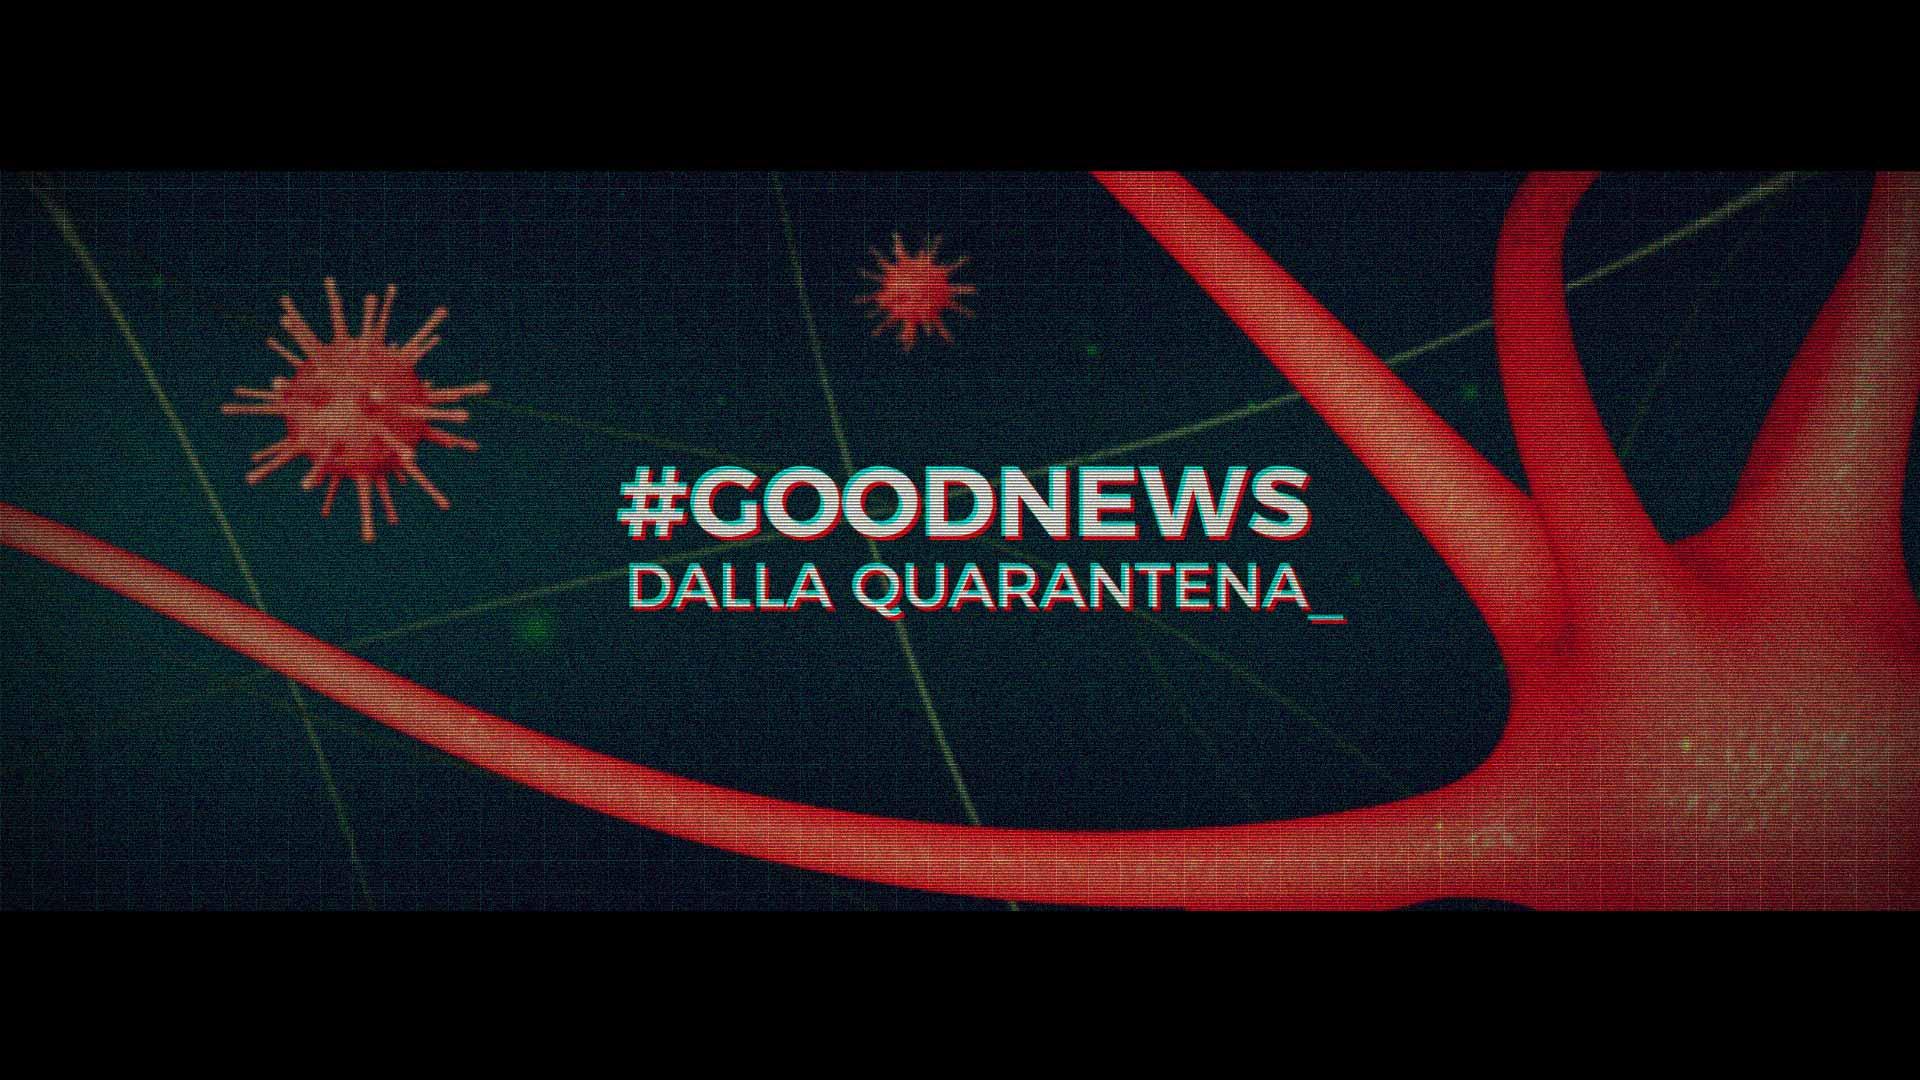 goodnews dalla quarantena